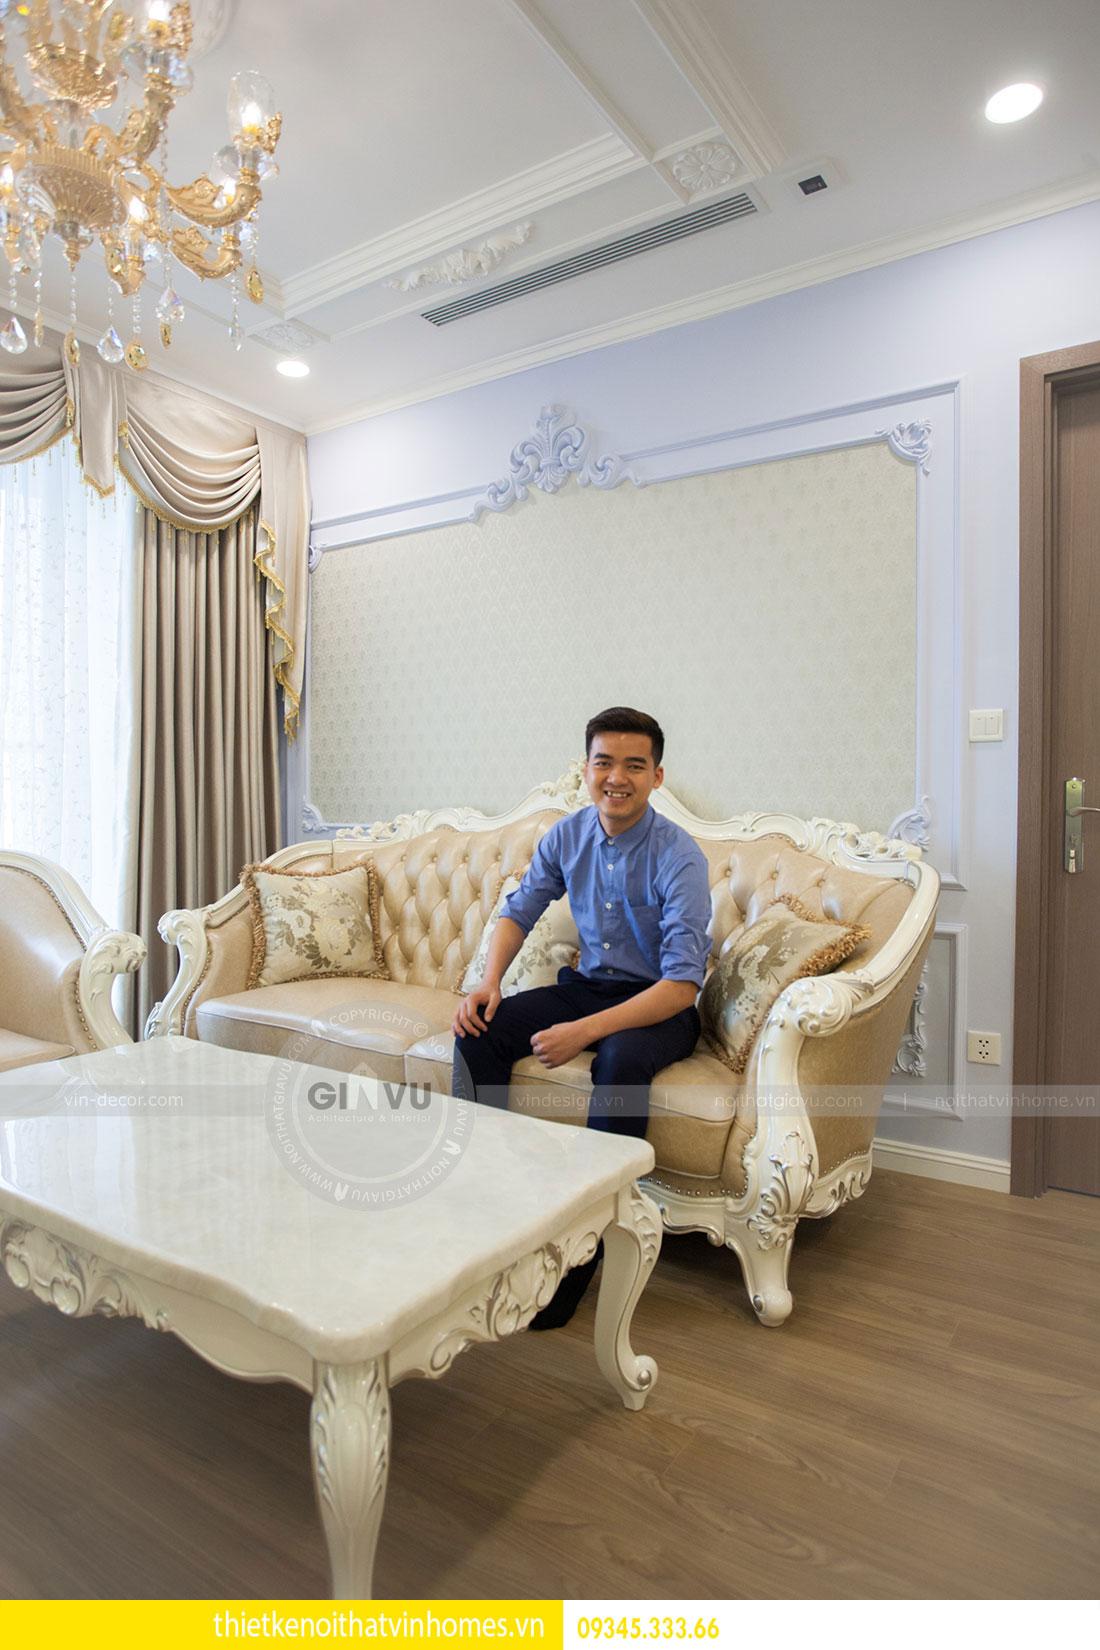 Thi công nội thất chung cư DCapitale theo phong cách tân cổ điển 9